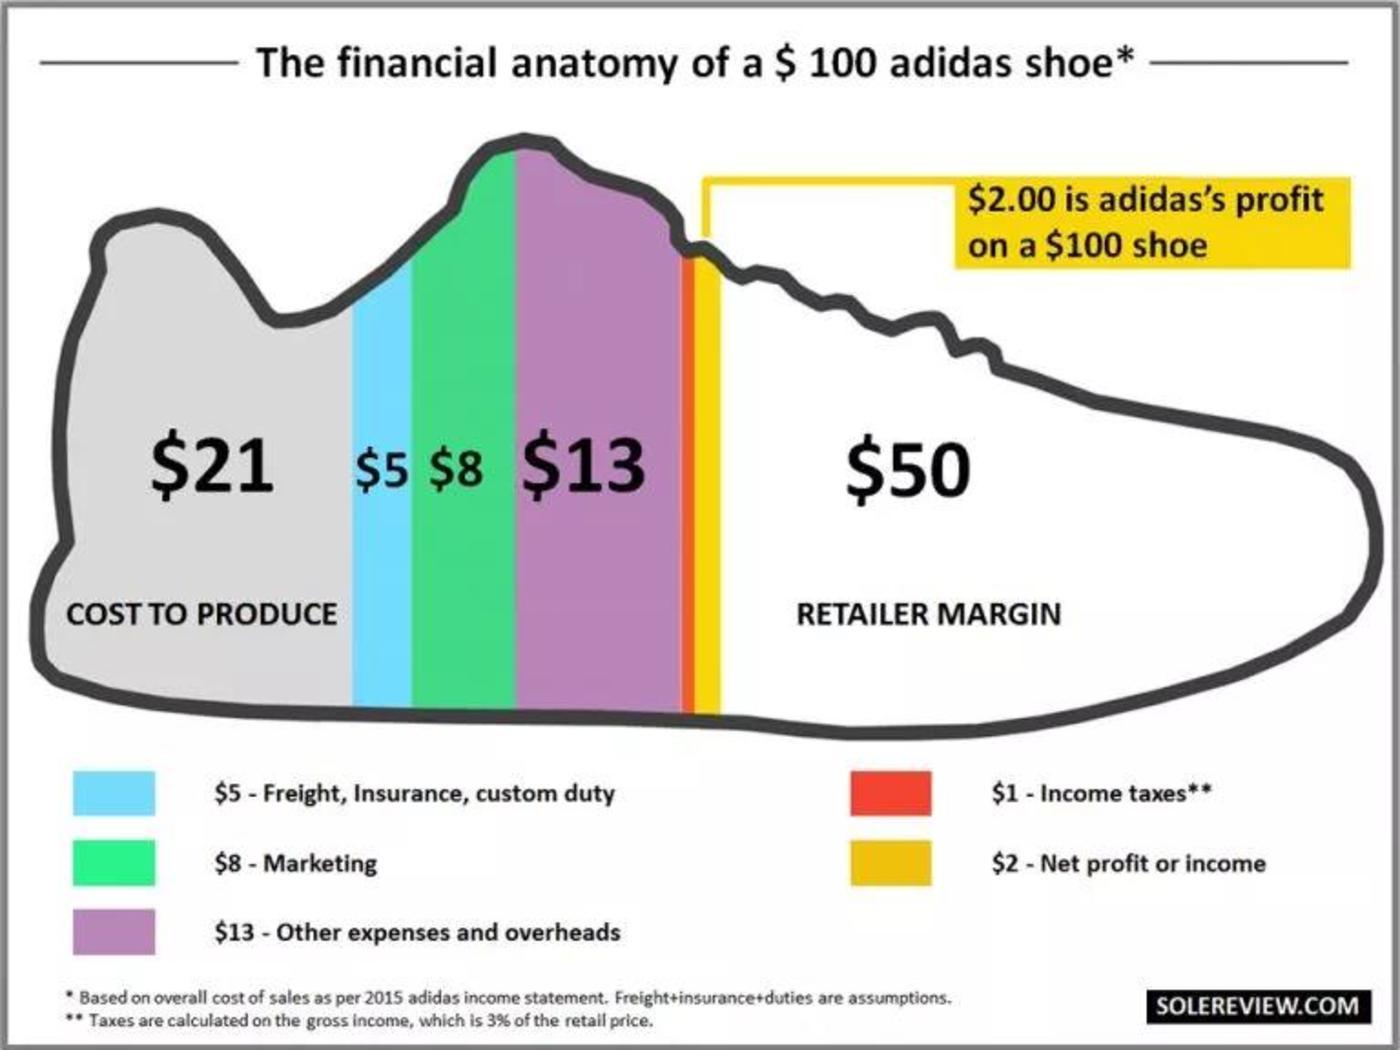 adidas每双100美元运动鞋利润为2美元,Nike则为5美元